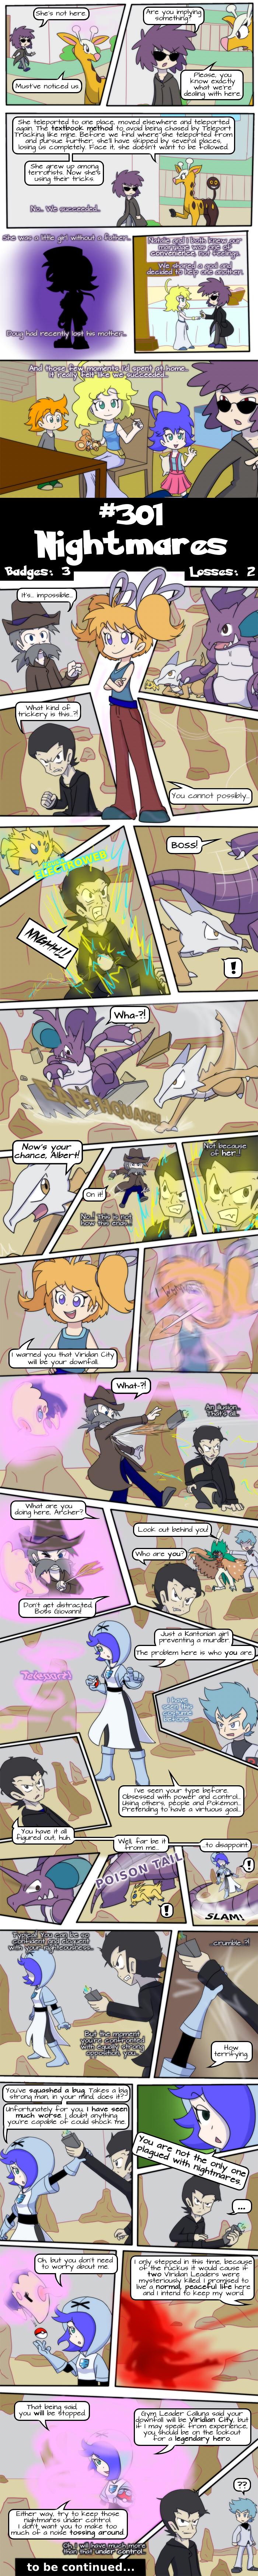 #301 – Nightmares